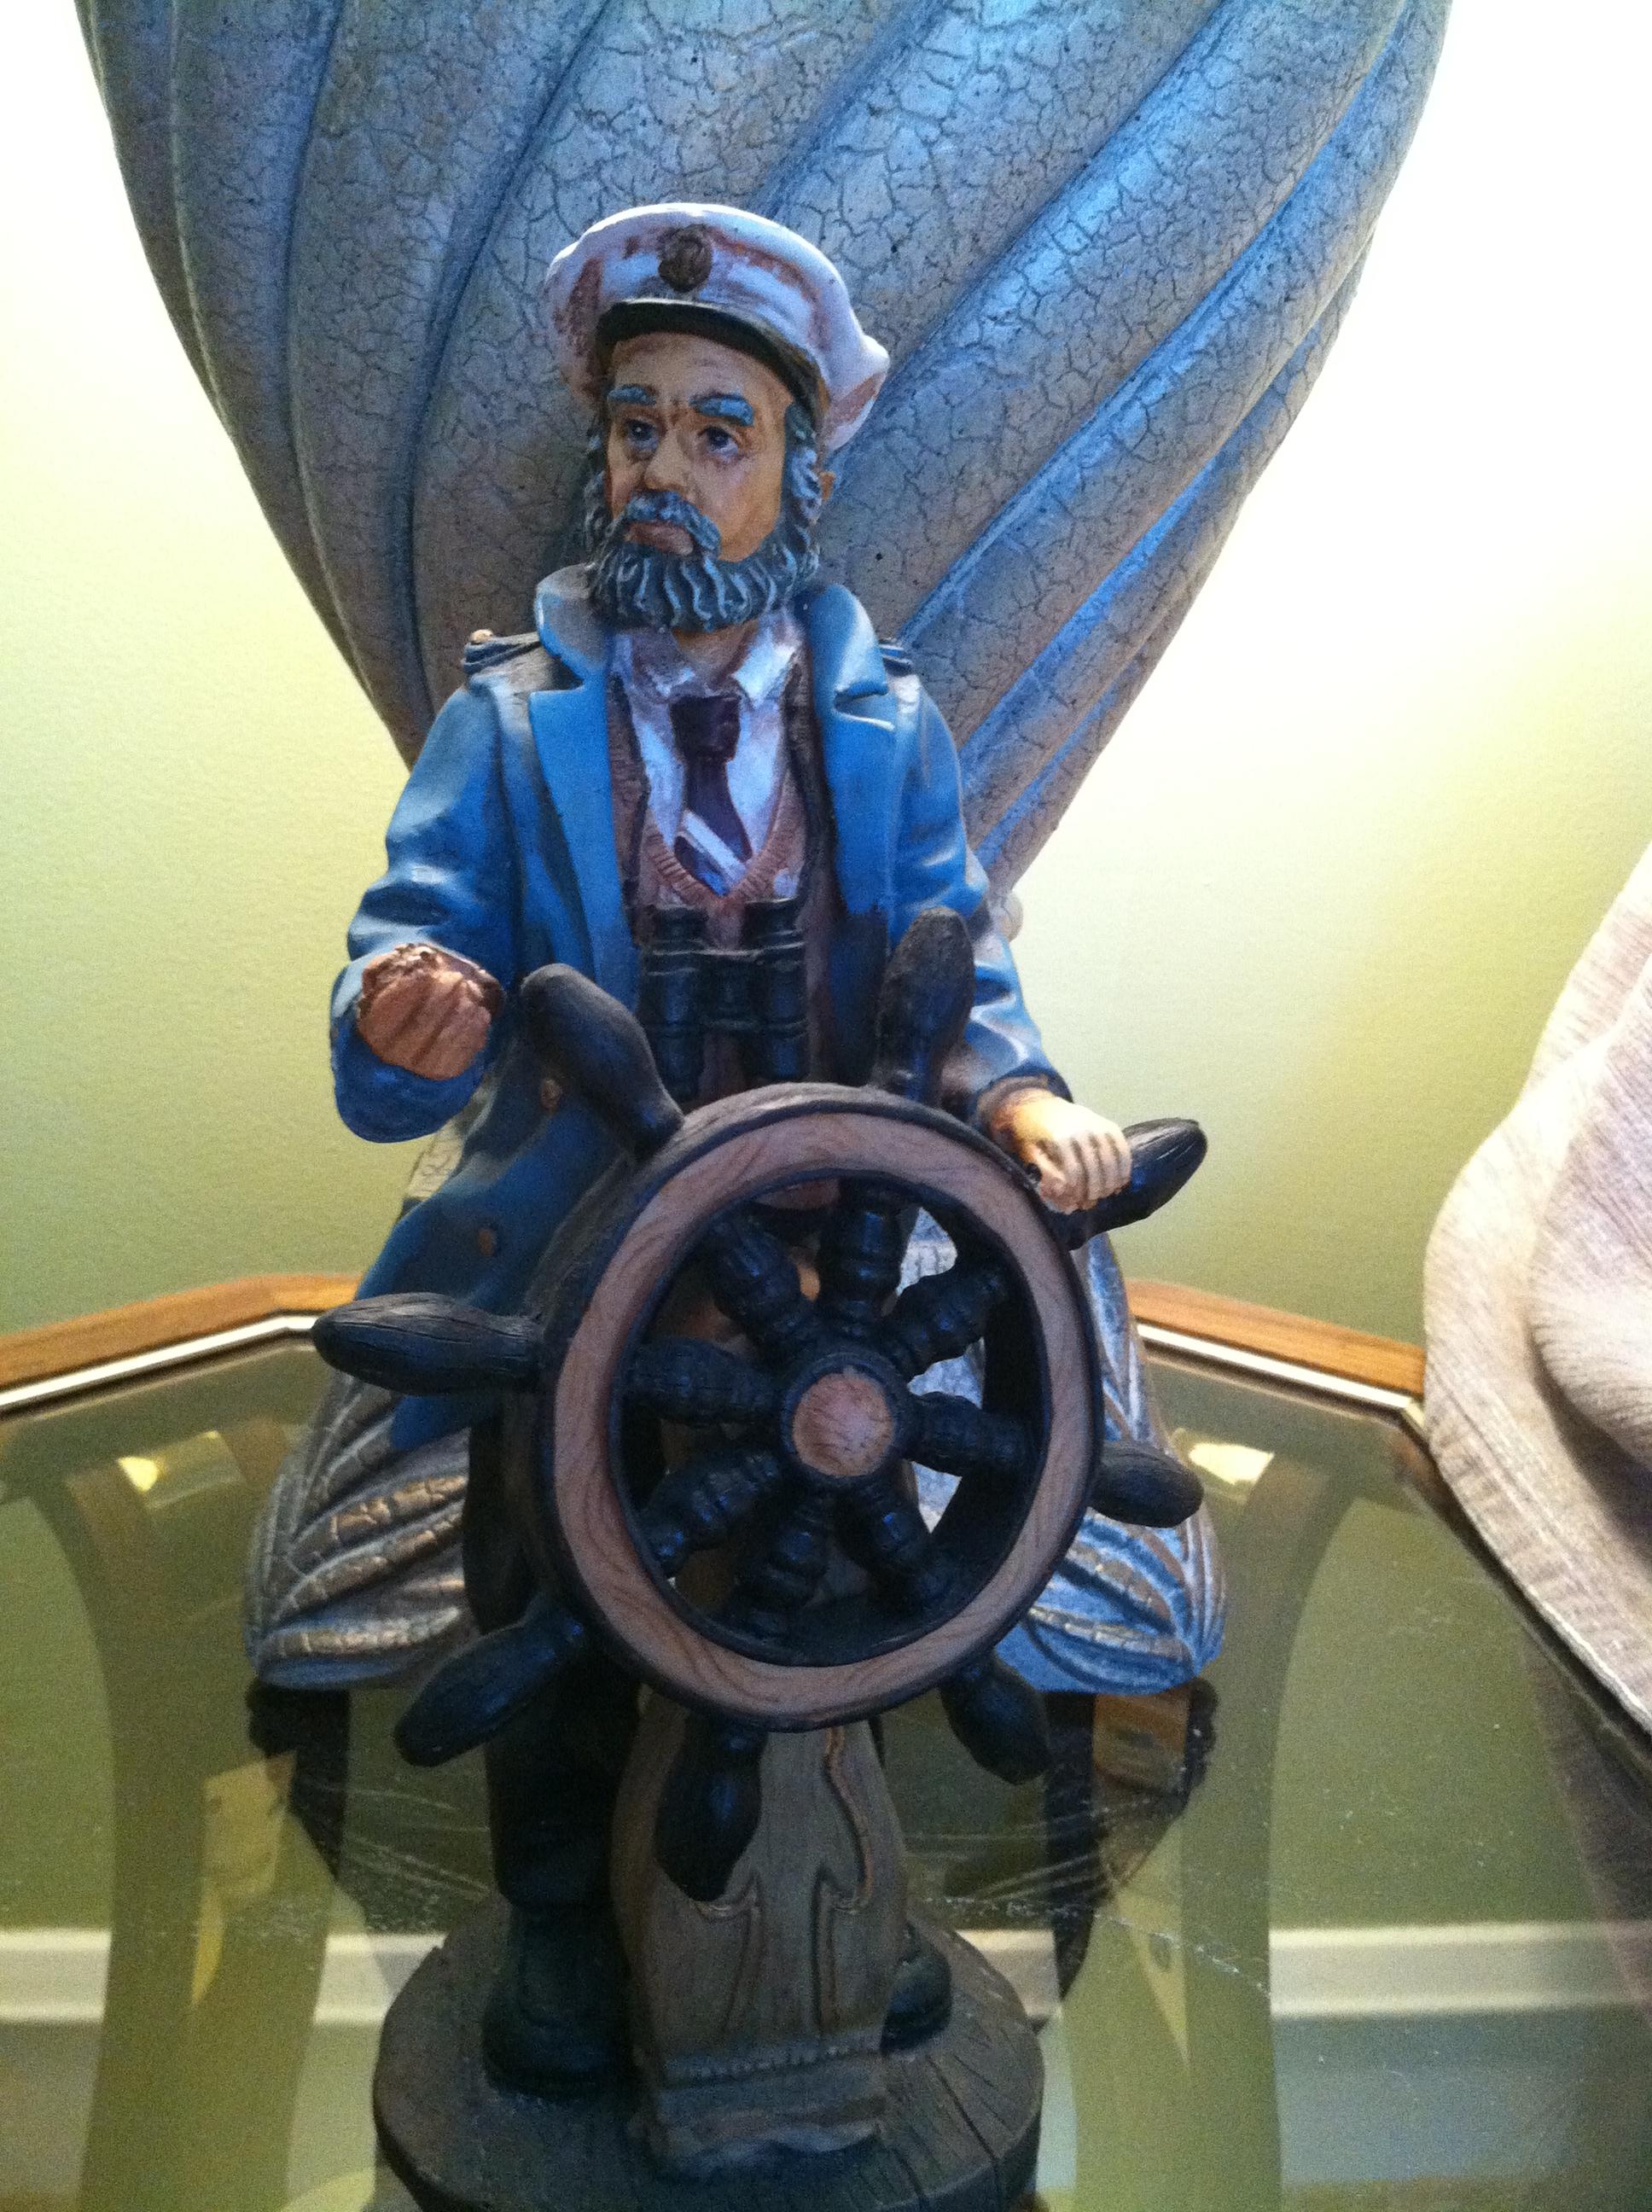 Captain Guiding Wheel